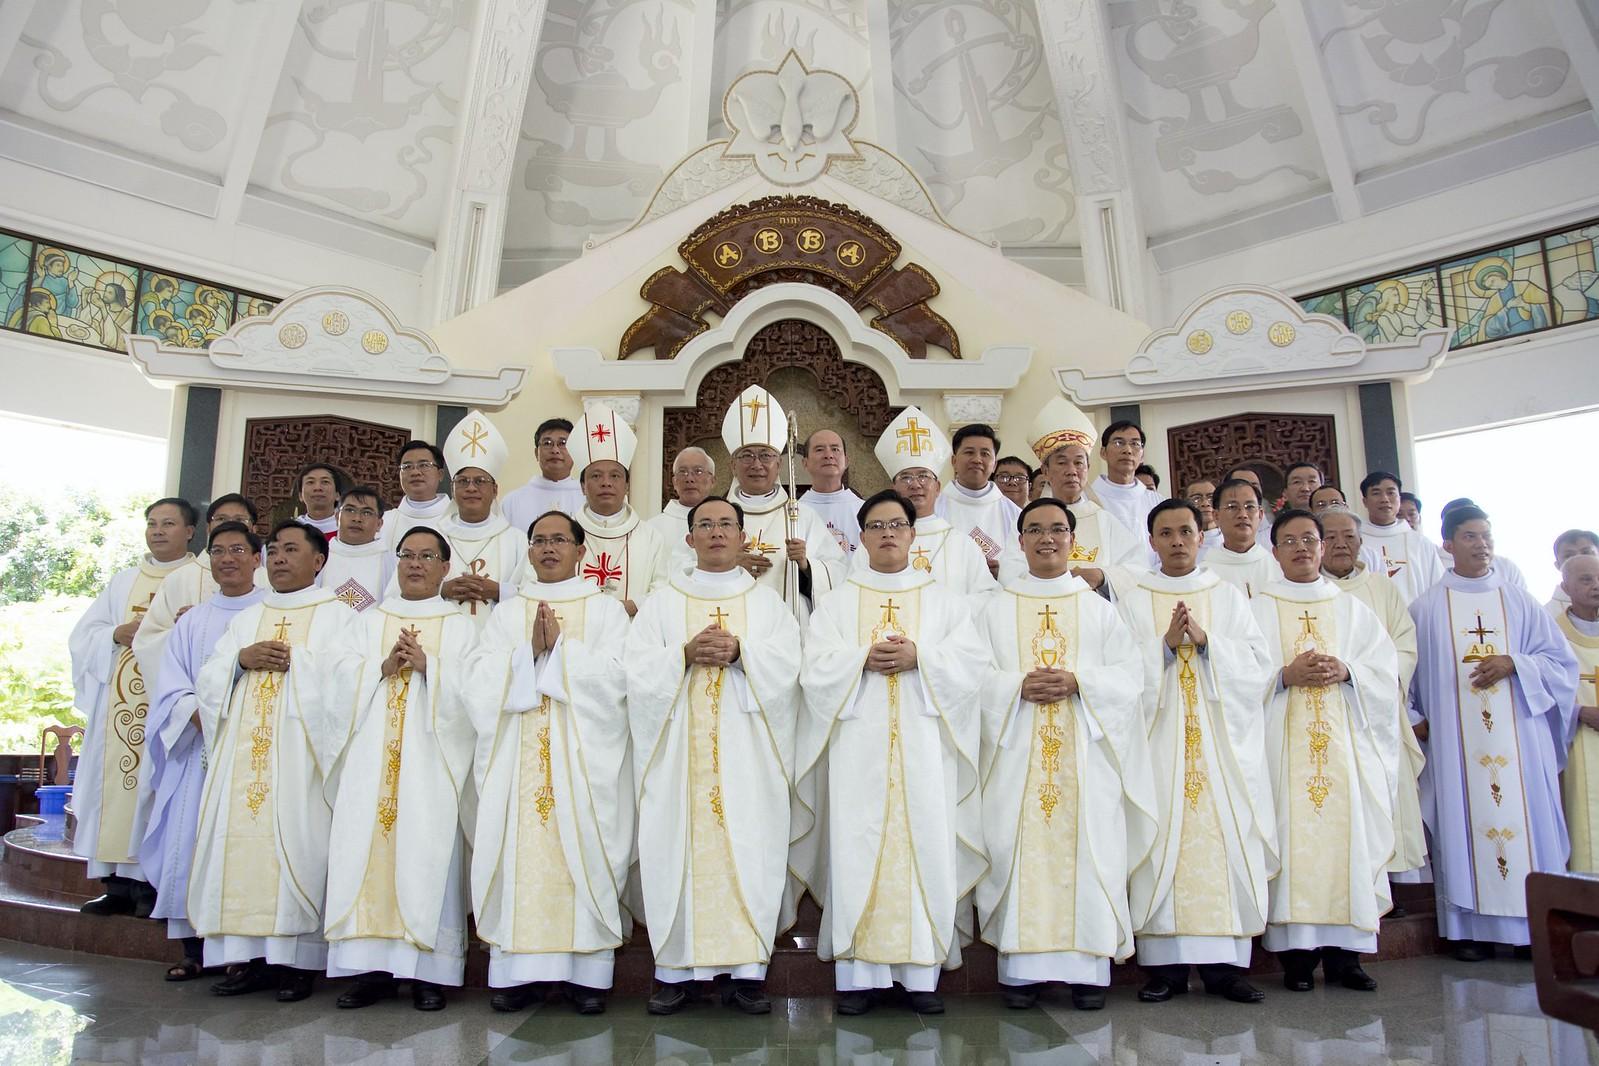 Đan Viện Thánh Mẫu Phước Sơn : Thánh Lễ Truyền Chức Linh Mục - Ảnh minh hoạ 22